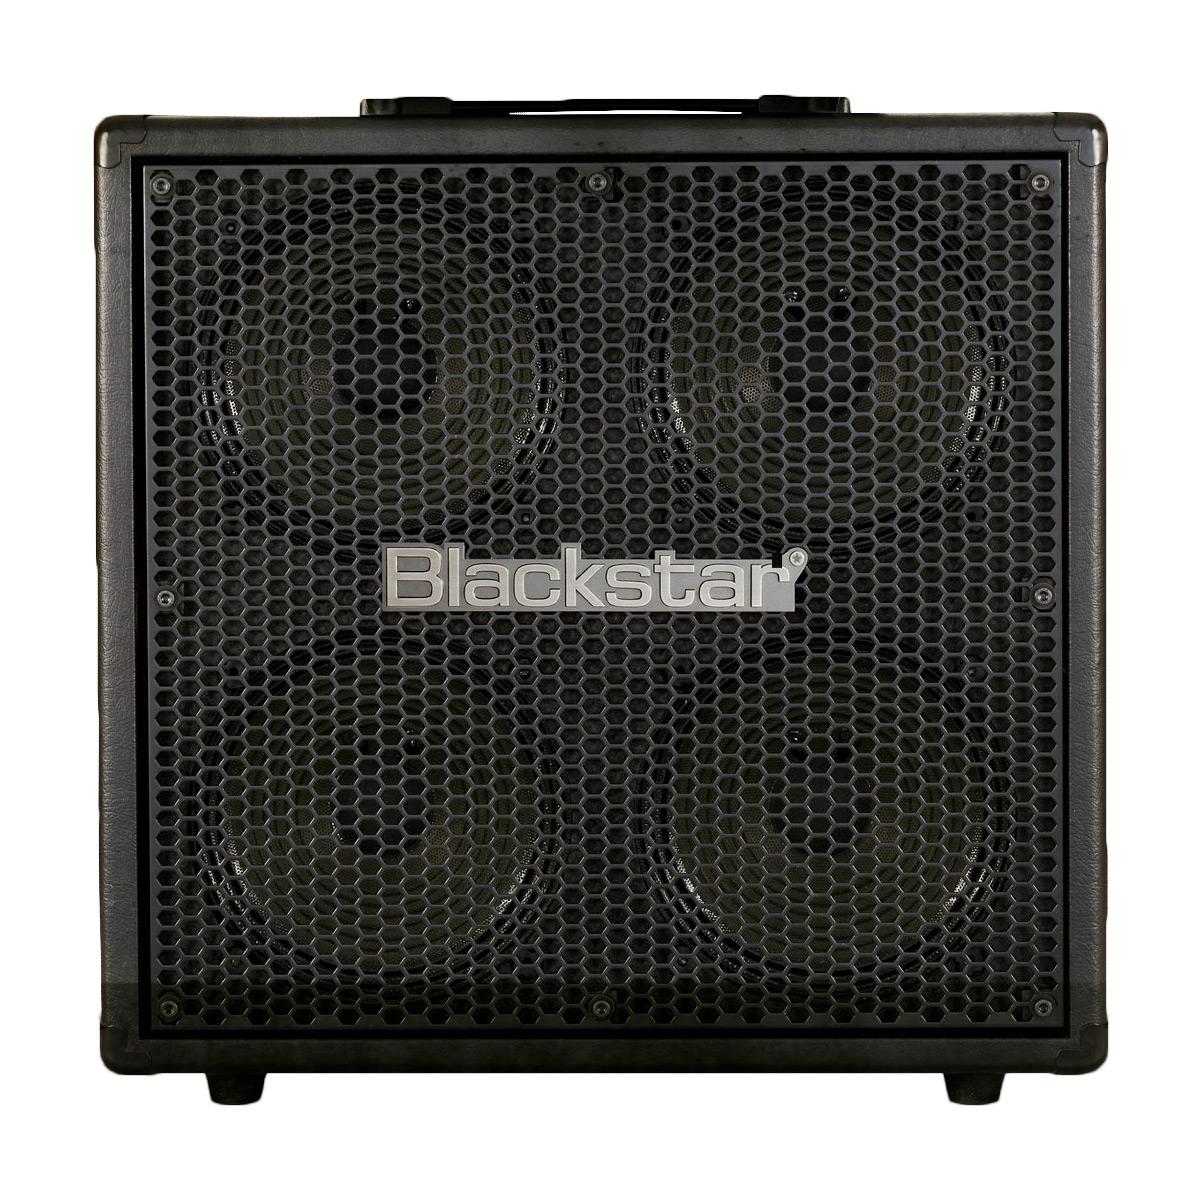 Blackstar Ht408m Ht Metal Series 4x8 Speaker Cabinet